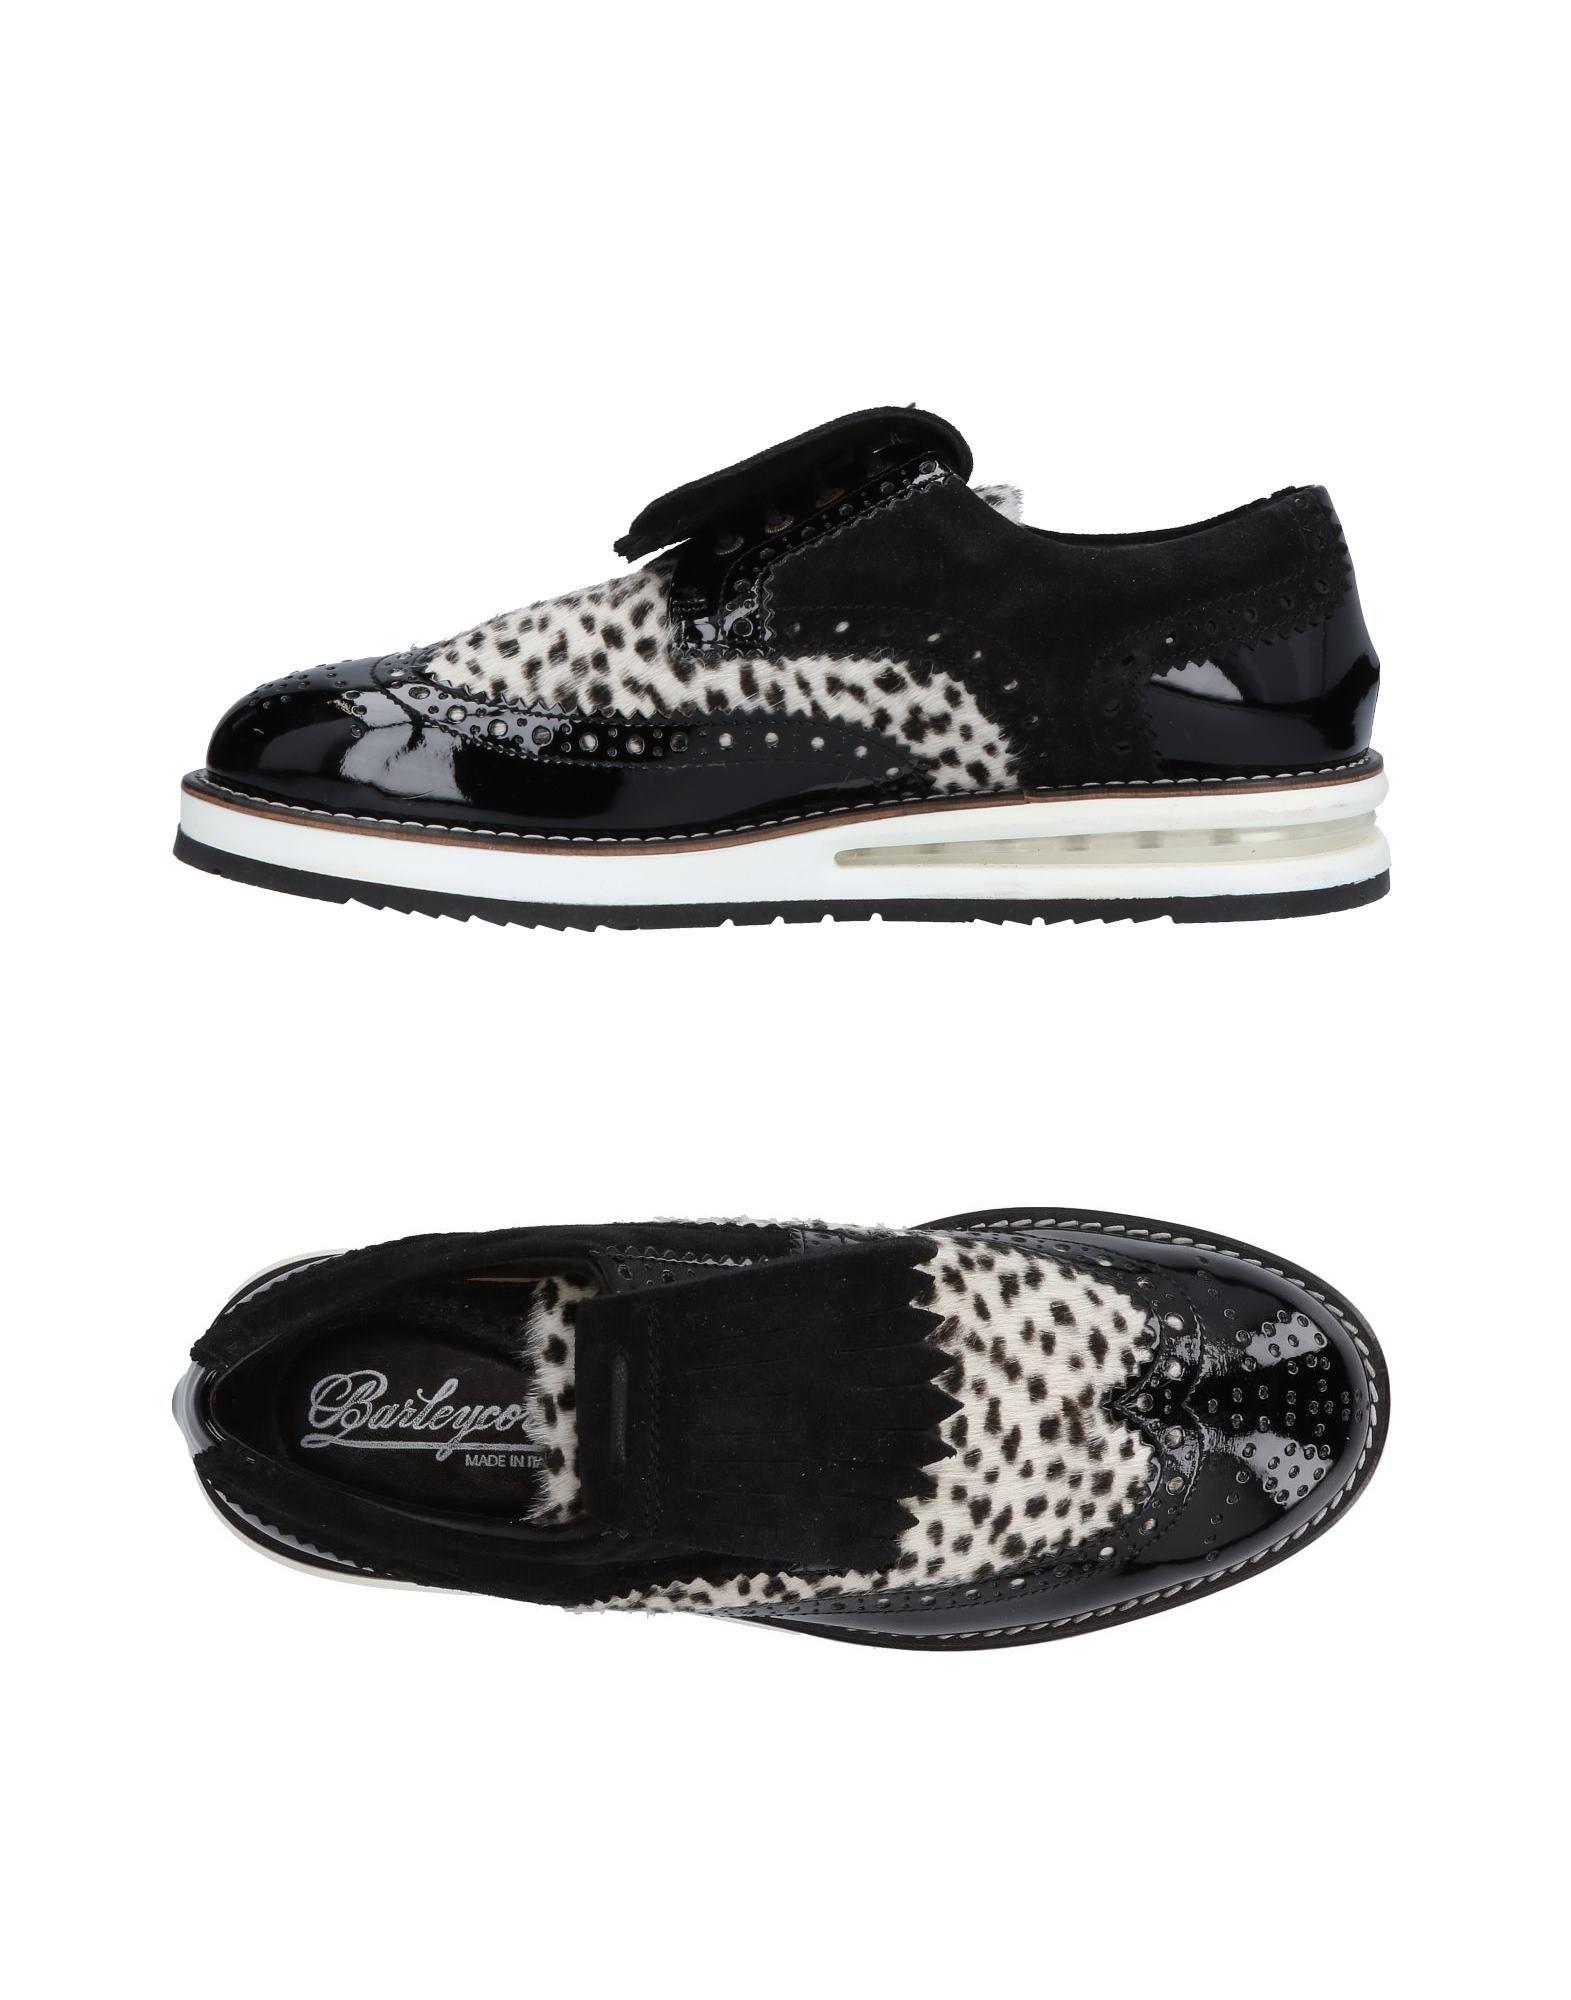 Barleycorn Mokassins Mokassins Barleycorn Damen  11470950SH Gute Qualität beliebte Schuhe c8c091